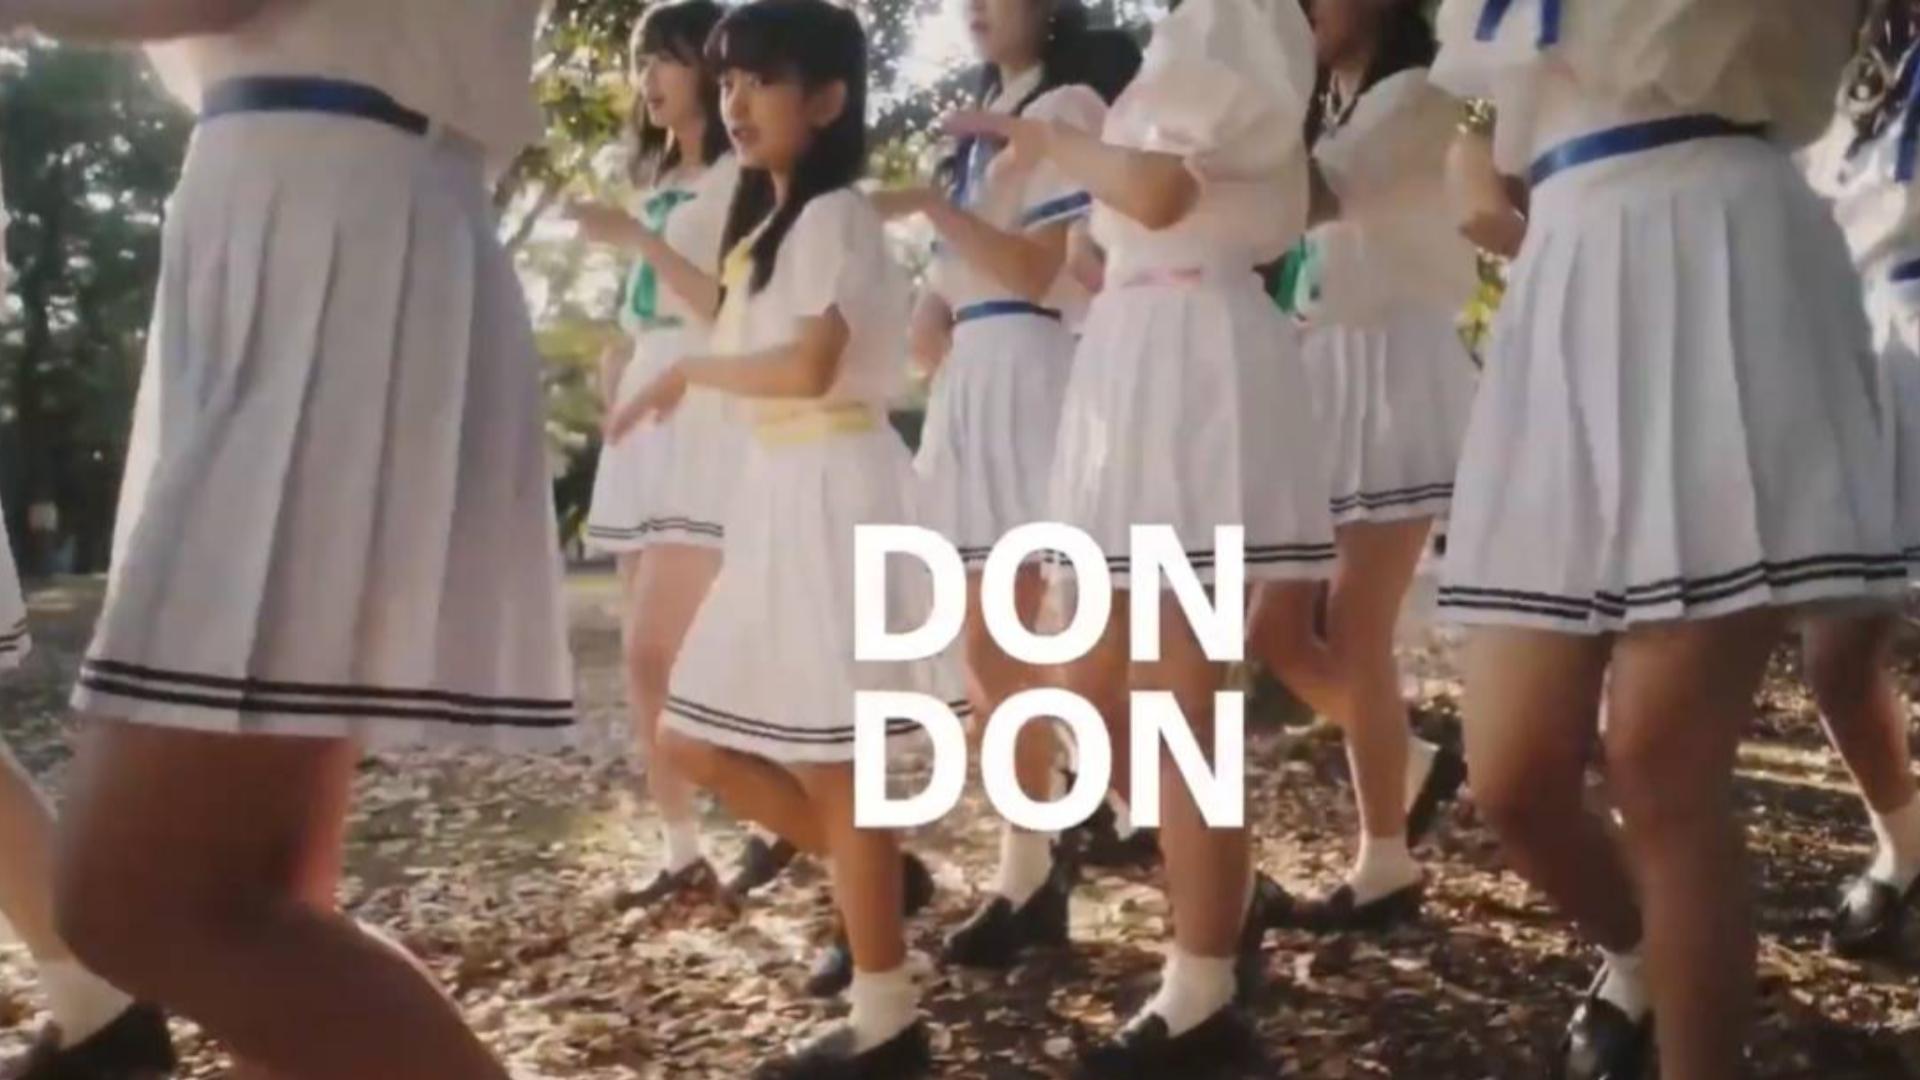 嘎噜噜~嘎噜噜~看看可爱的日本小学生、初中生、高中生( ´ρ`)!